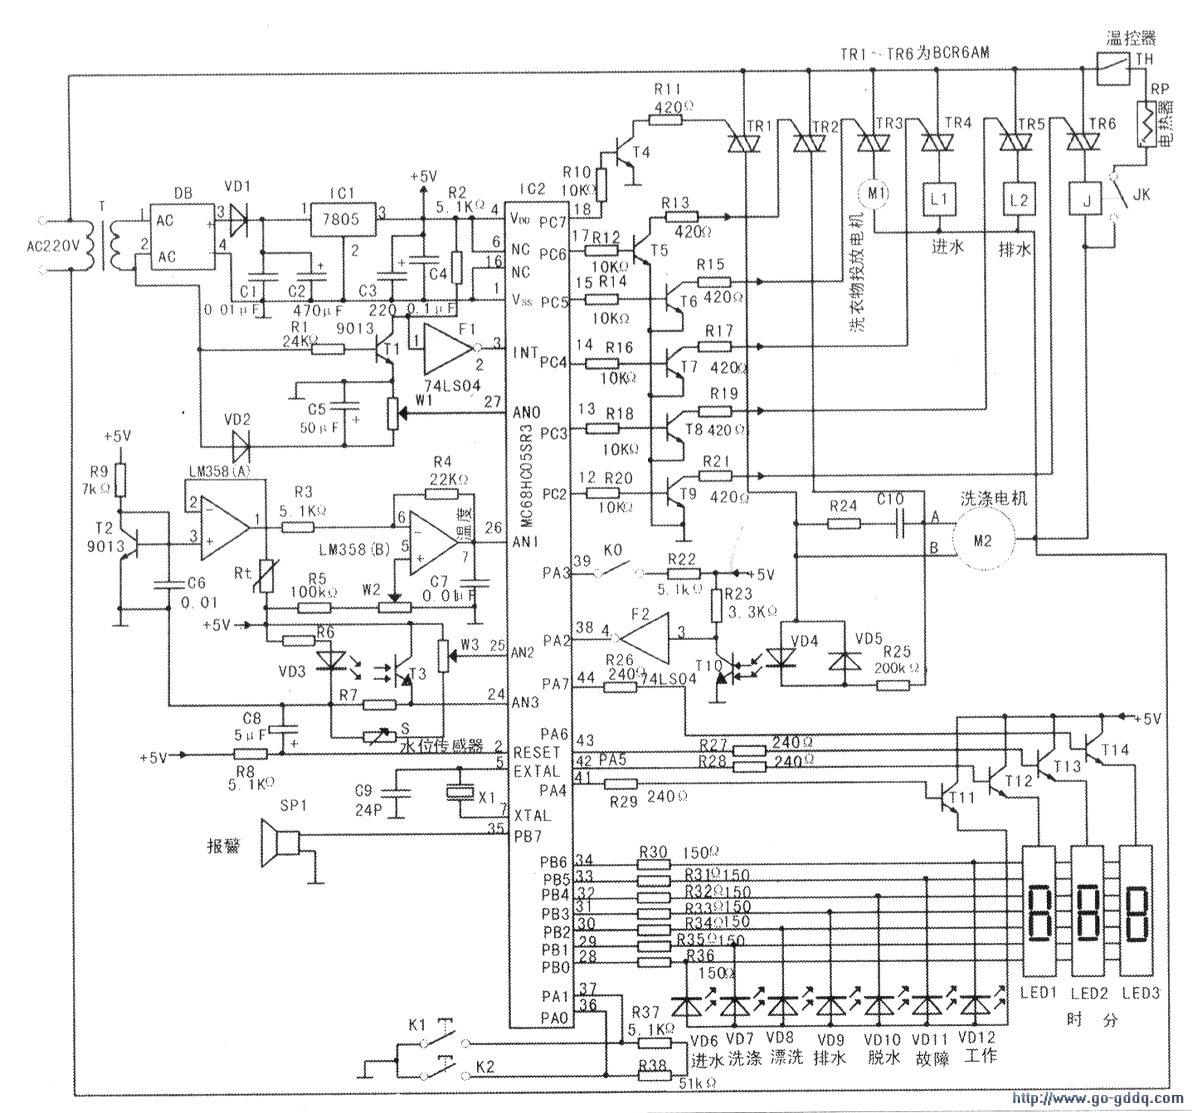 该型洗衣机采用Motorola公司生产的44脚QFP封装的8位单片机(MC68HC05SR3).其整机电路见附图.它由以下主要电路组成。   1.电源电路      220V市电经电源变压器T降压、桥堆DB整流、VD1续流、Cl、C2滤波、IC1(LM7805)稳压,再经C3滤波、C4滤除干扰后得到5v电压.作为单片机(IC2的(4)脚为vlH,)和控制电路工作电源。   2.复位与时钟振荡电路      复位电路由电阻R8与C8组成,在刚开机时单片机IC2(2)脚(复位,端)由于接有C8.故电压为零